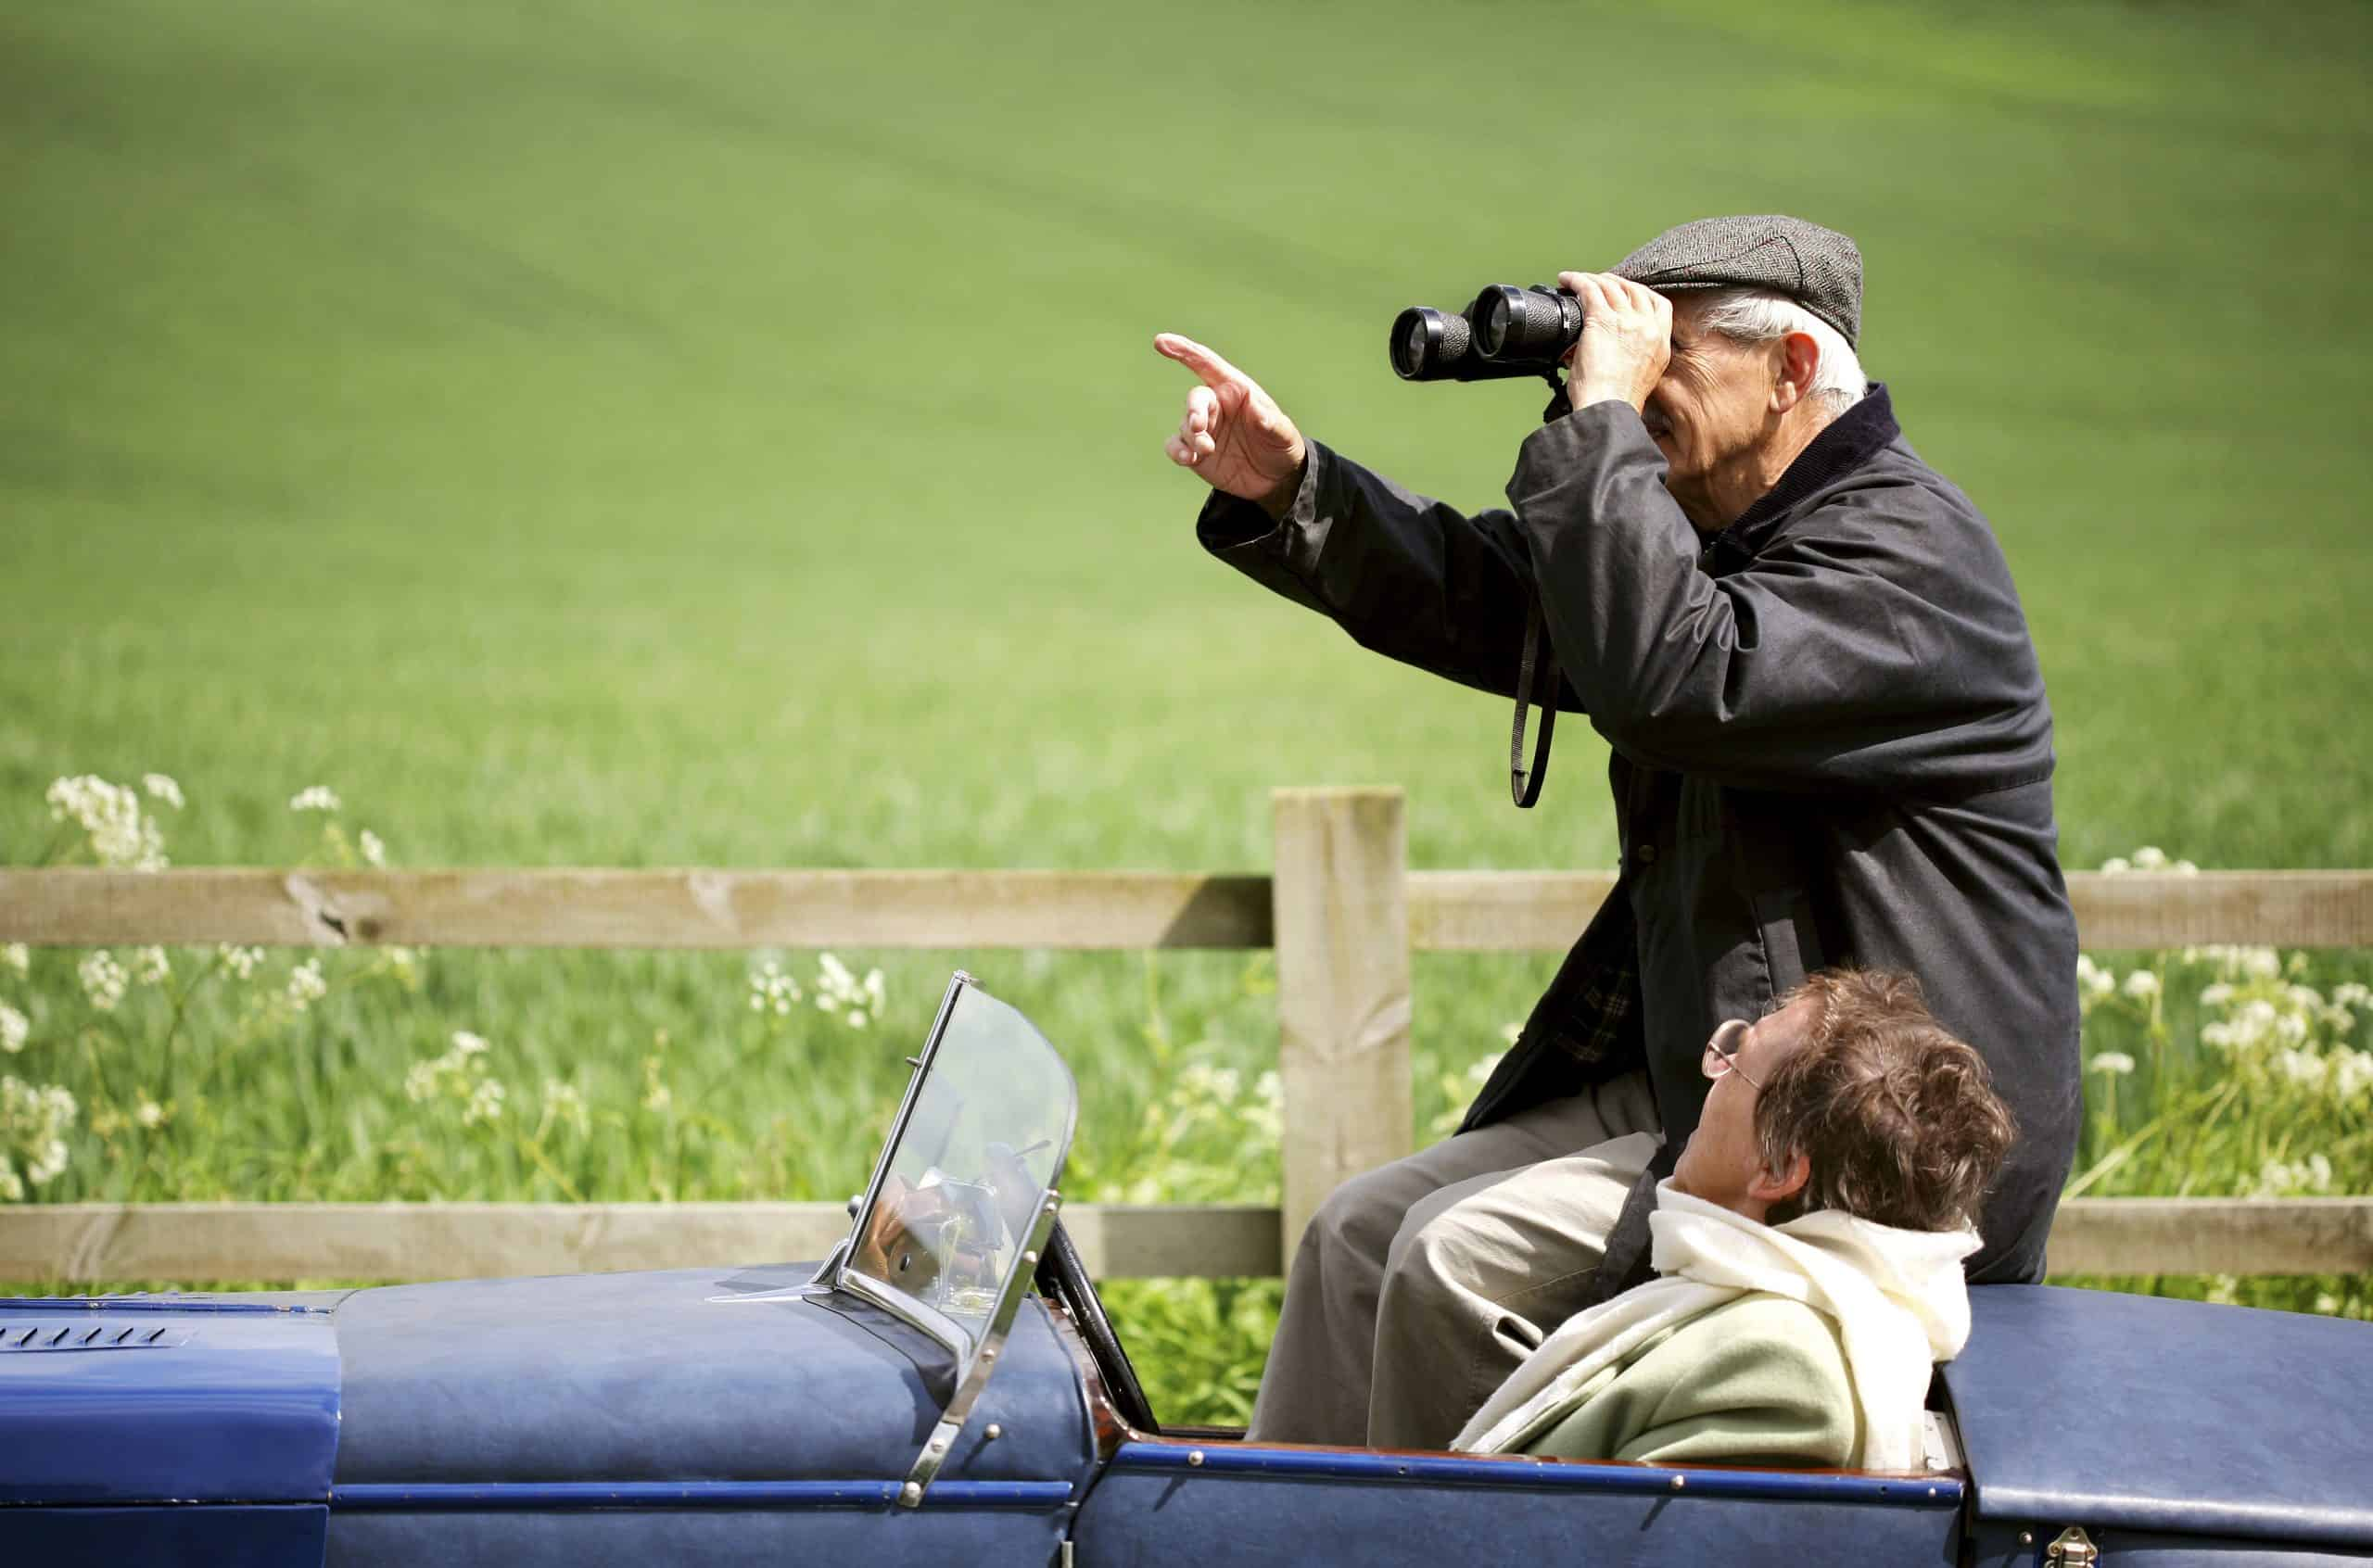 Waarom pensioenfondsen impactbeleggen zouden moeten overwegen